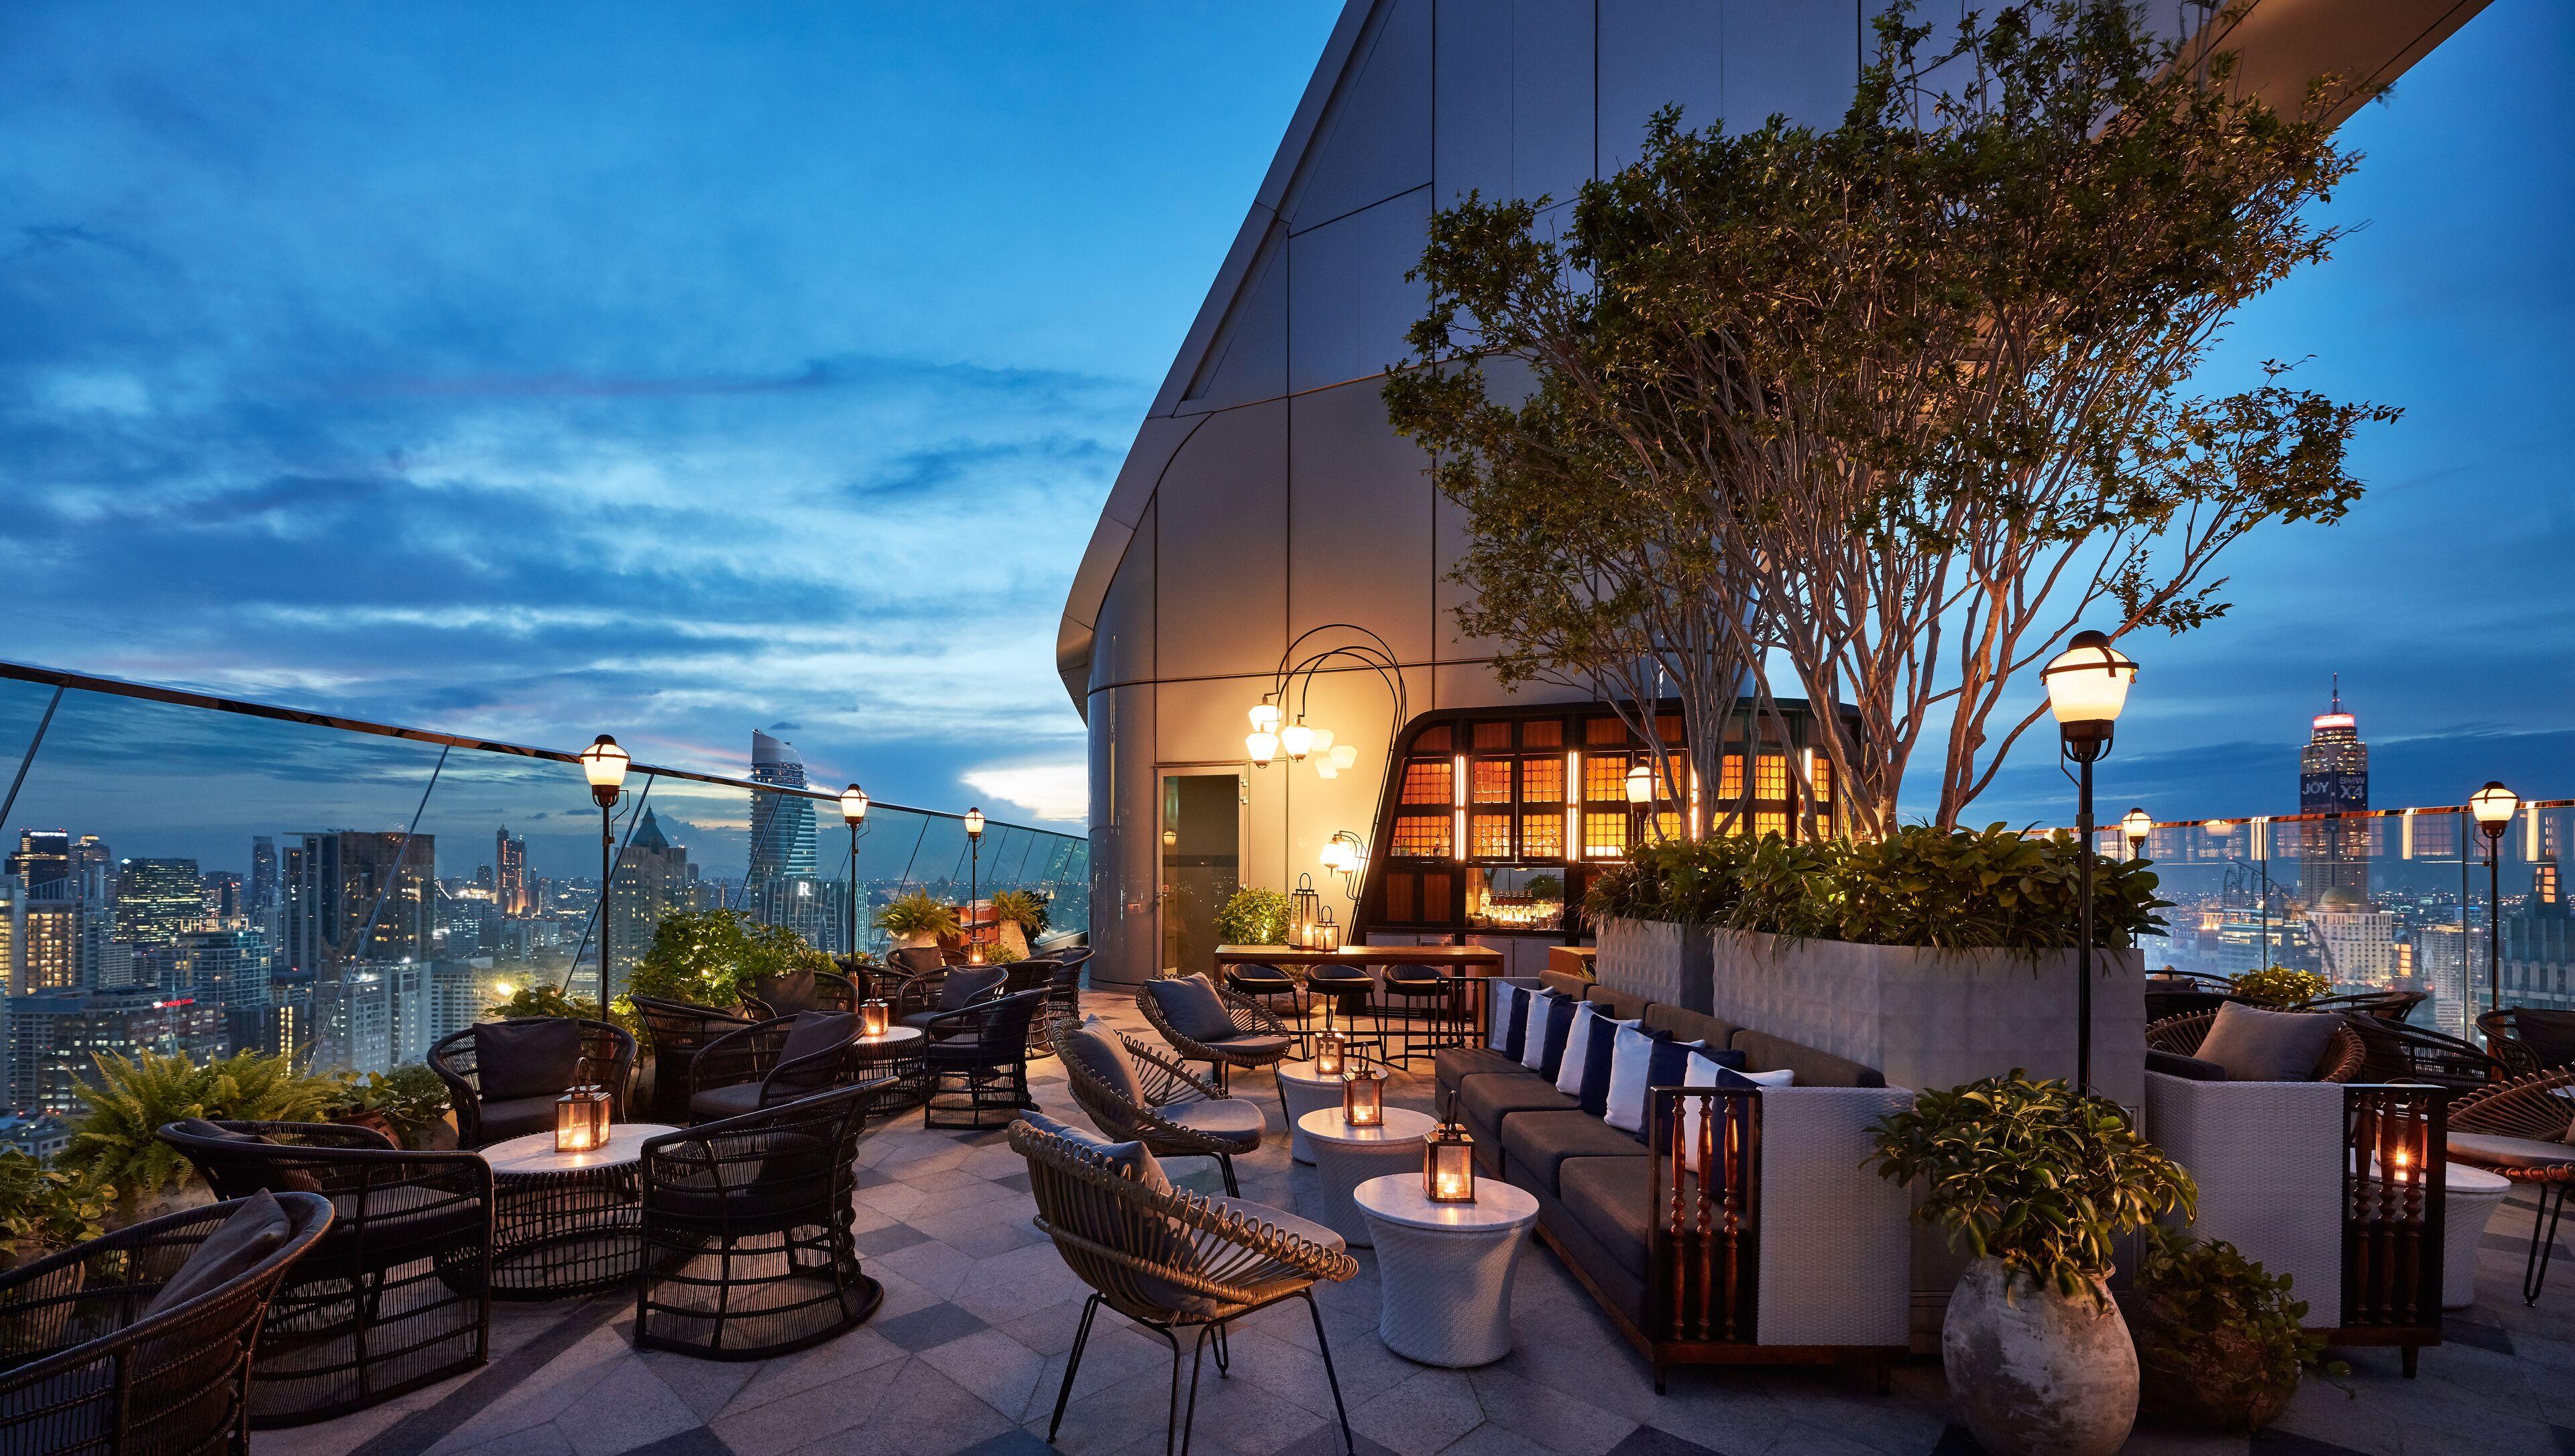 Courtesy of Park Hyatt Bangkok / Expedia